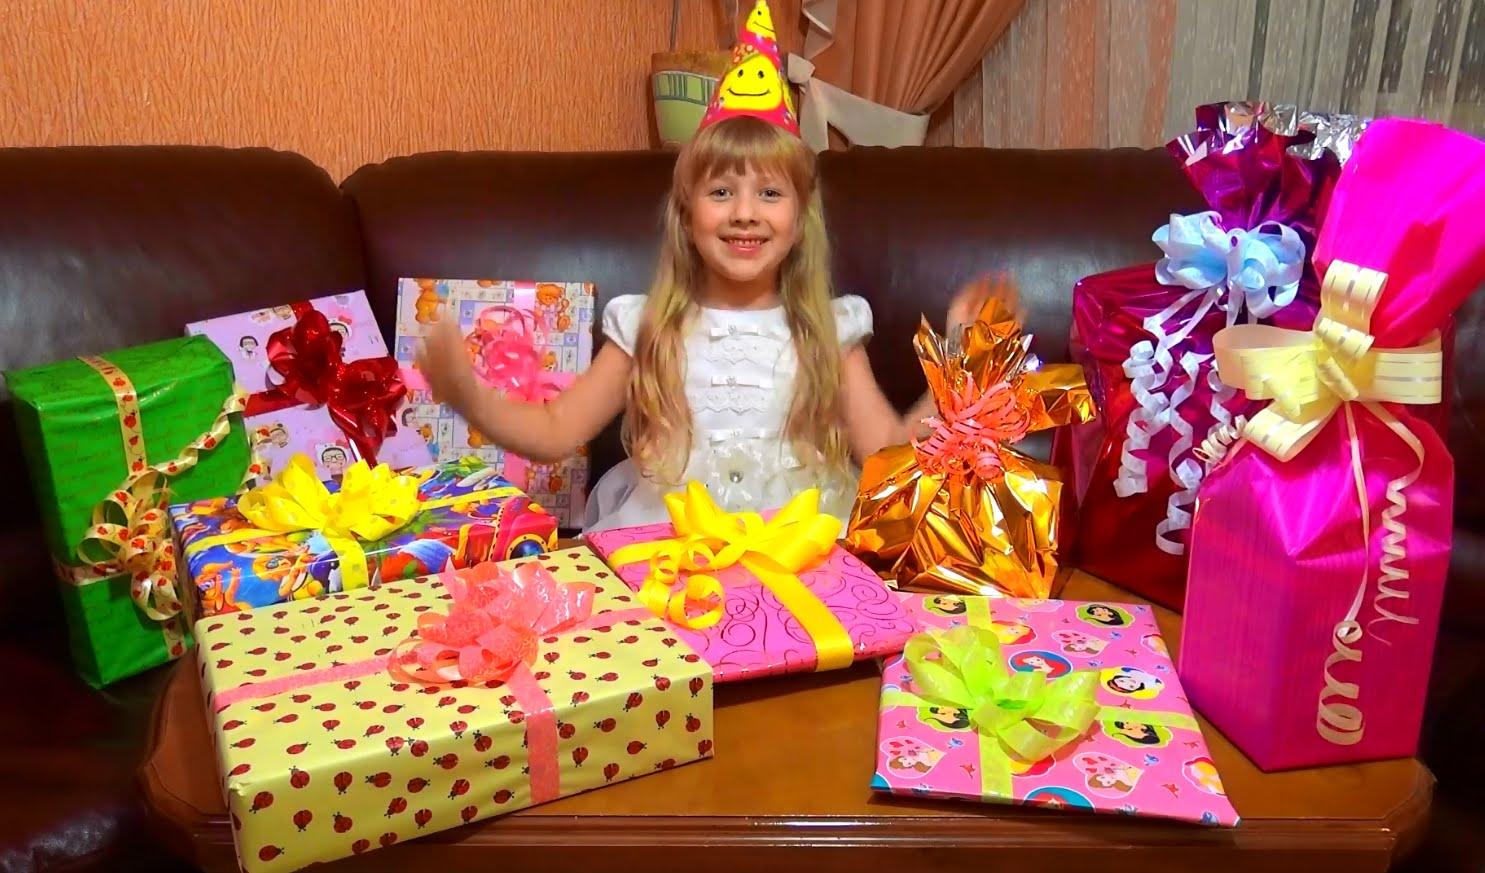 Подарок для ребенка 5 лет на день рождения девочке 50